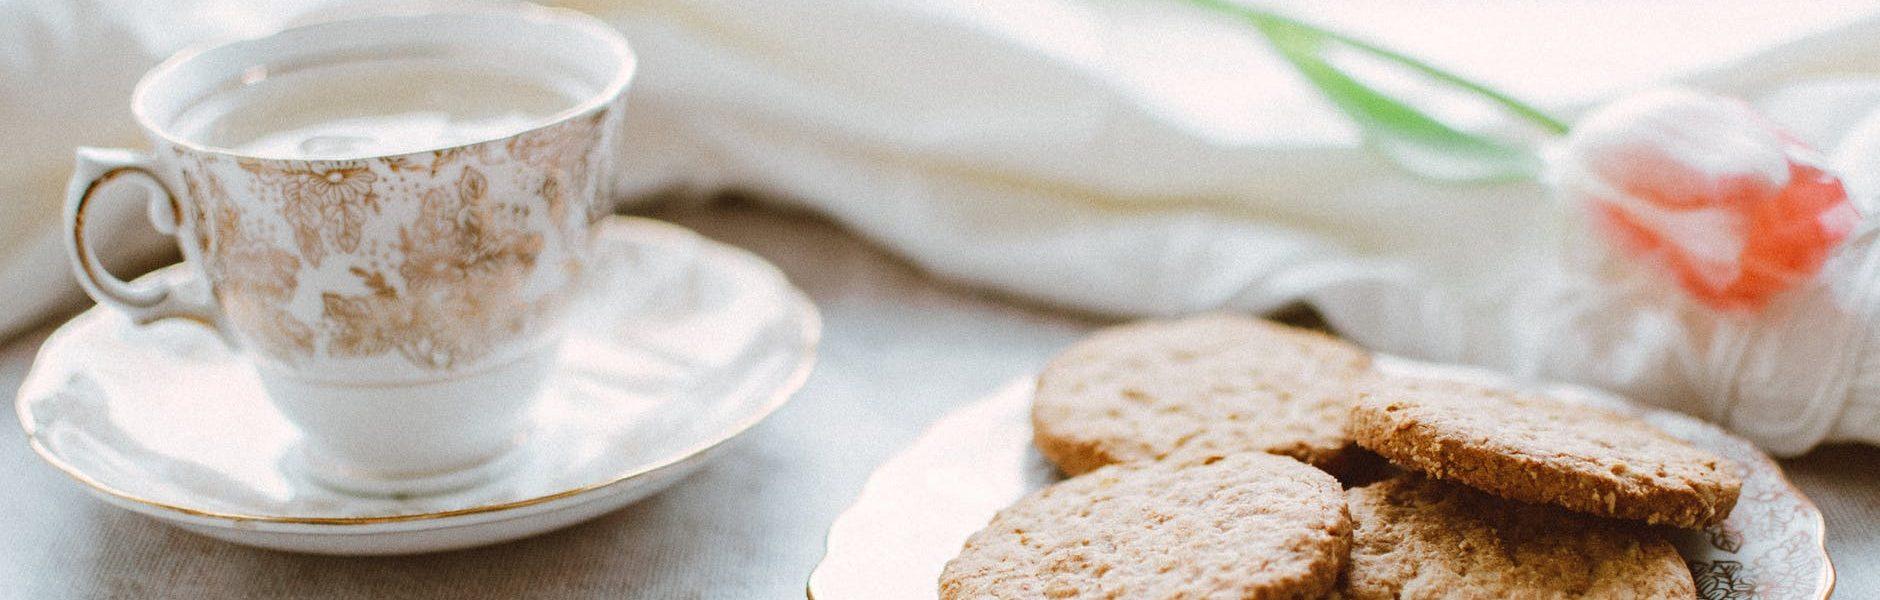 Sastojci: 125 grama glatkog brašna 1 žličica cimeta na vrh žličicee muškatnog oraščića Pola praška za pecivo Prstohvat soli 115 grama omekšalog maslaca 50 grama tamnog šećera 60 grama meda 1 jaje žličica ekstrakta od vanilije 100-120 grama naribanih jabuka (malo veća jabuka ili 2 manje) 70-80 grama zobenih pahuljica Priprema: Suhe sastojke pomiješajte (brašno, cimet, oraščići, prašak za pecivo i sol) Maslac sobne temperature miksajte sa šećerom i medom minutu, pa ubacite jaje i vaniliju i mutite još minutu. Dodajte suhe sastojke i sjednite mikserom. Na kraju lagano umiješajte naribane jabuke, a nakon toga i zobene pahuljice. Bilo bi dobro da smjesa odstoji pola sata. Upalite pećnicu na 175 Celzijusa i obložite jedan pleh papirom za pečenje. Žličicom uzimajte komadiće tijesta, veličine oraha i slažite na pleh. Pecite 15-20 minuta, dok ne dobiju lijepu smećkastu boju.